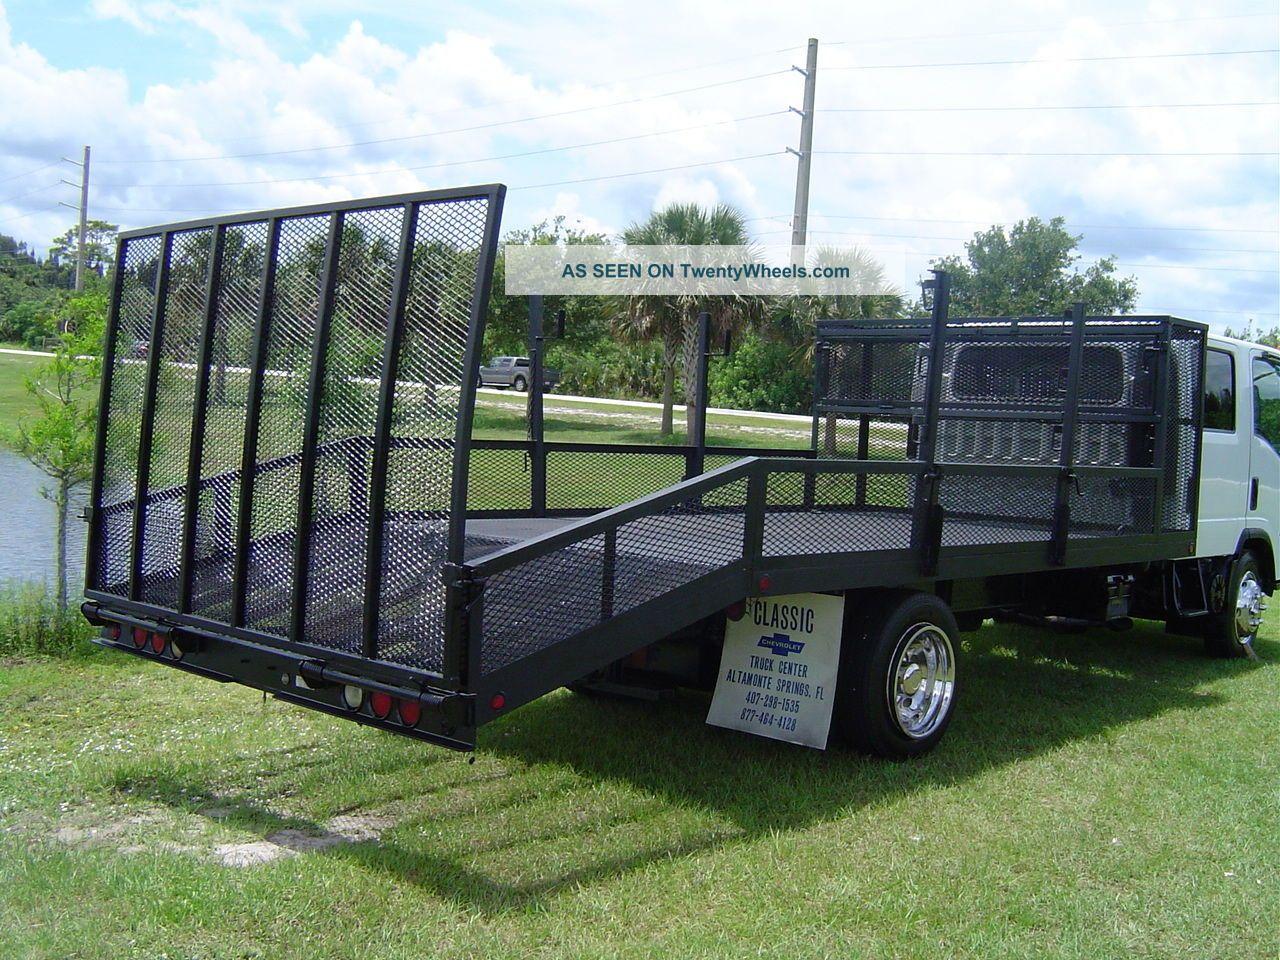 Gmc W4500 2004 Medium Trucks Images Of Home Design W5500 Wiring Diagrams 2007 Diagram C5500